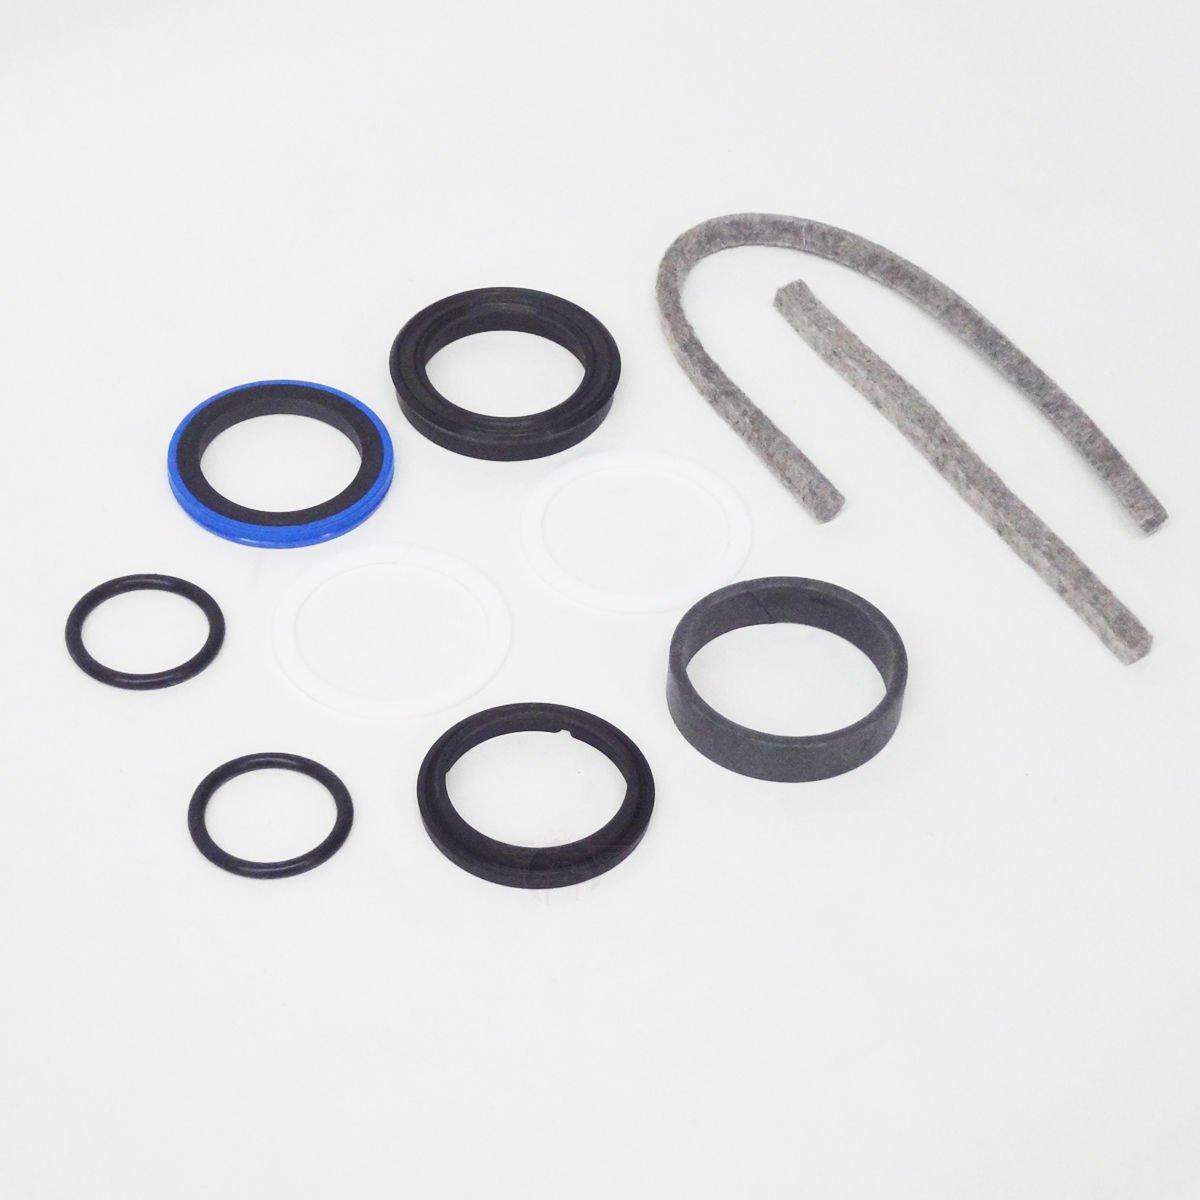 Rotary Lift 2 post Cylinder Seal Kit / rebuild kit 7-9k lbs FJ783-12TH  texas hyd